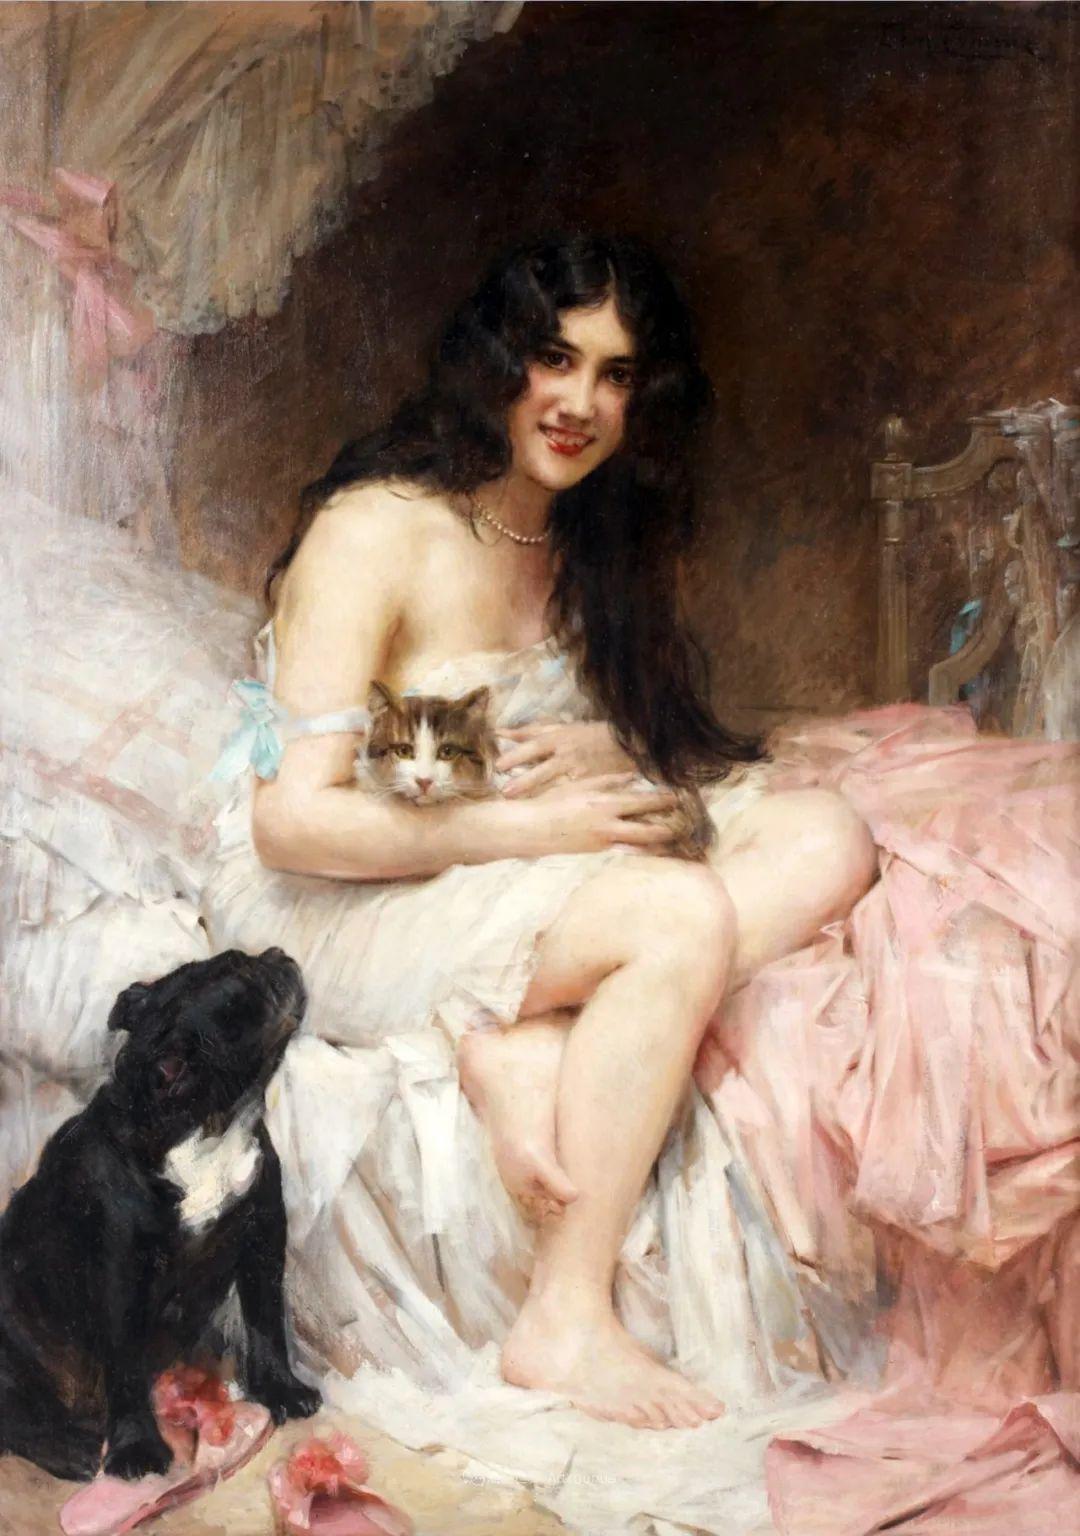 法国学院派画家科默尔,笔下的美丽女性插图53